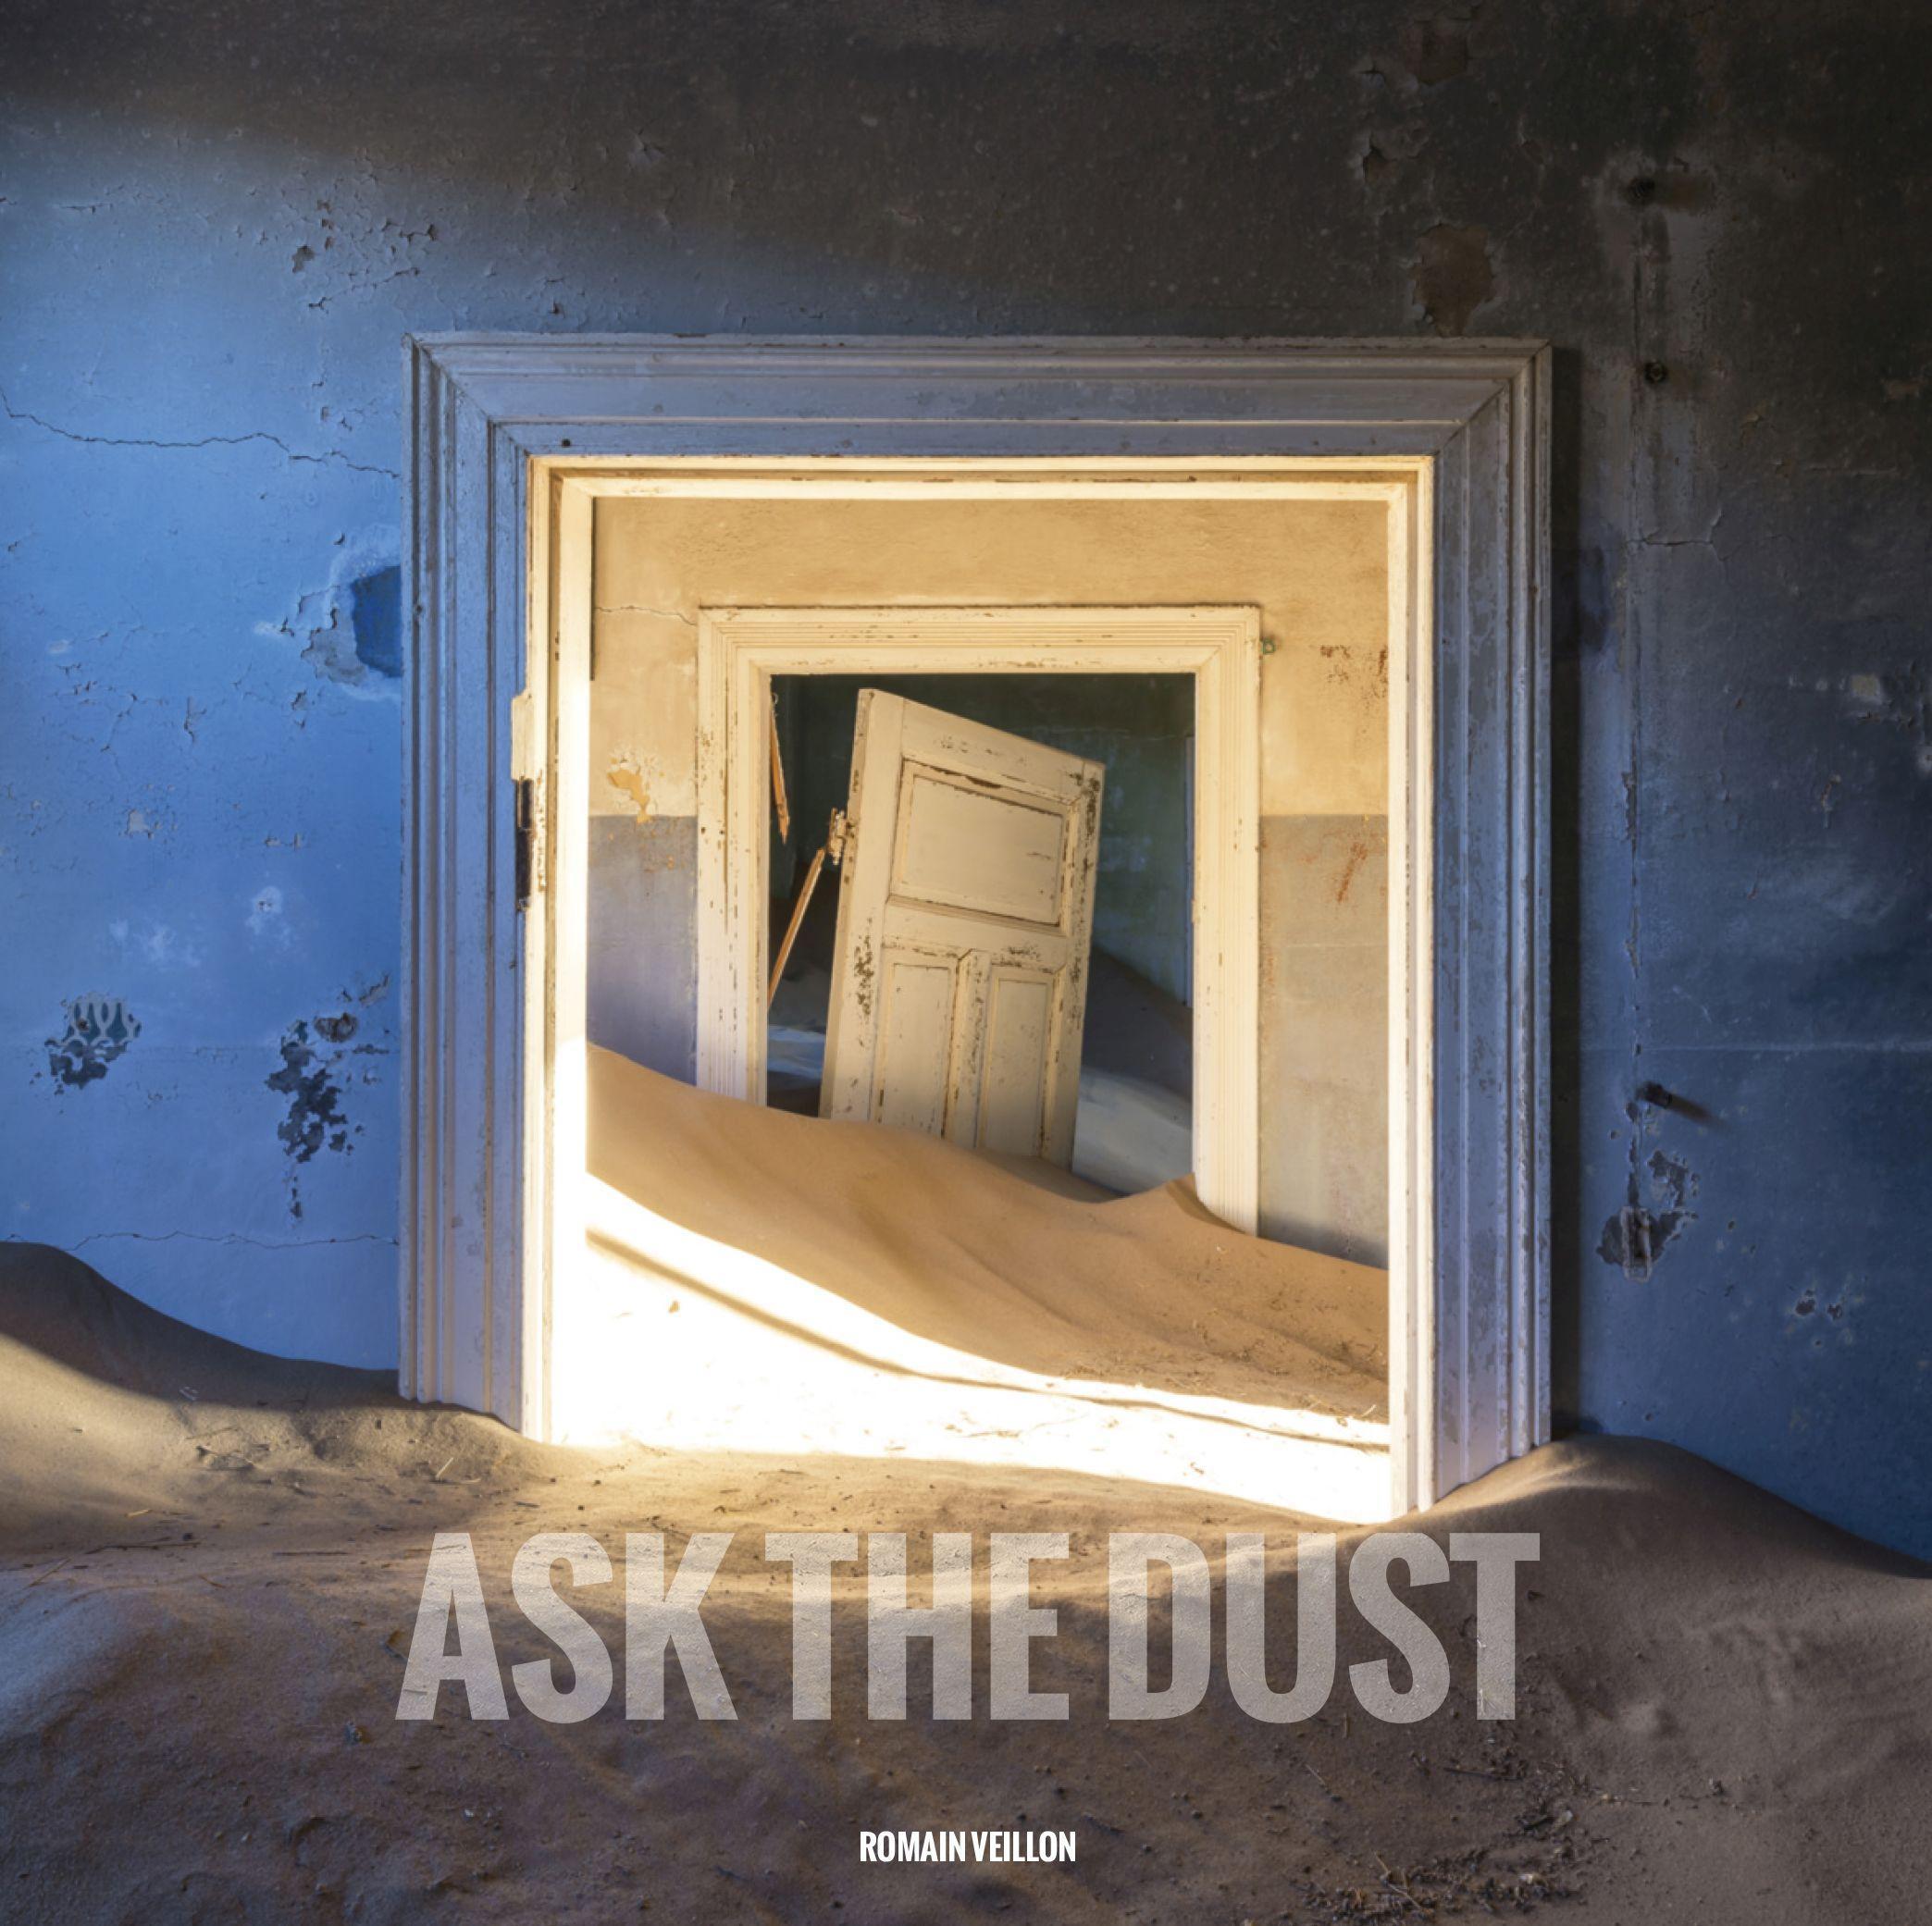 Ask the Dust  Romain Veillon  Buch  Englisch  2016